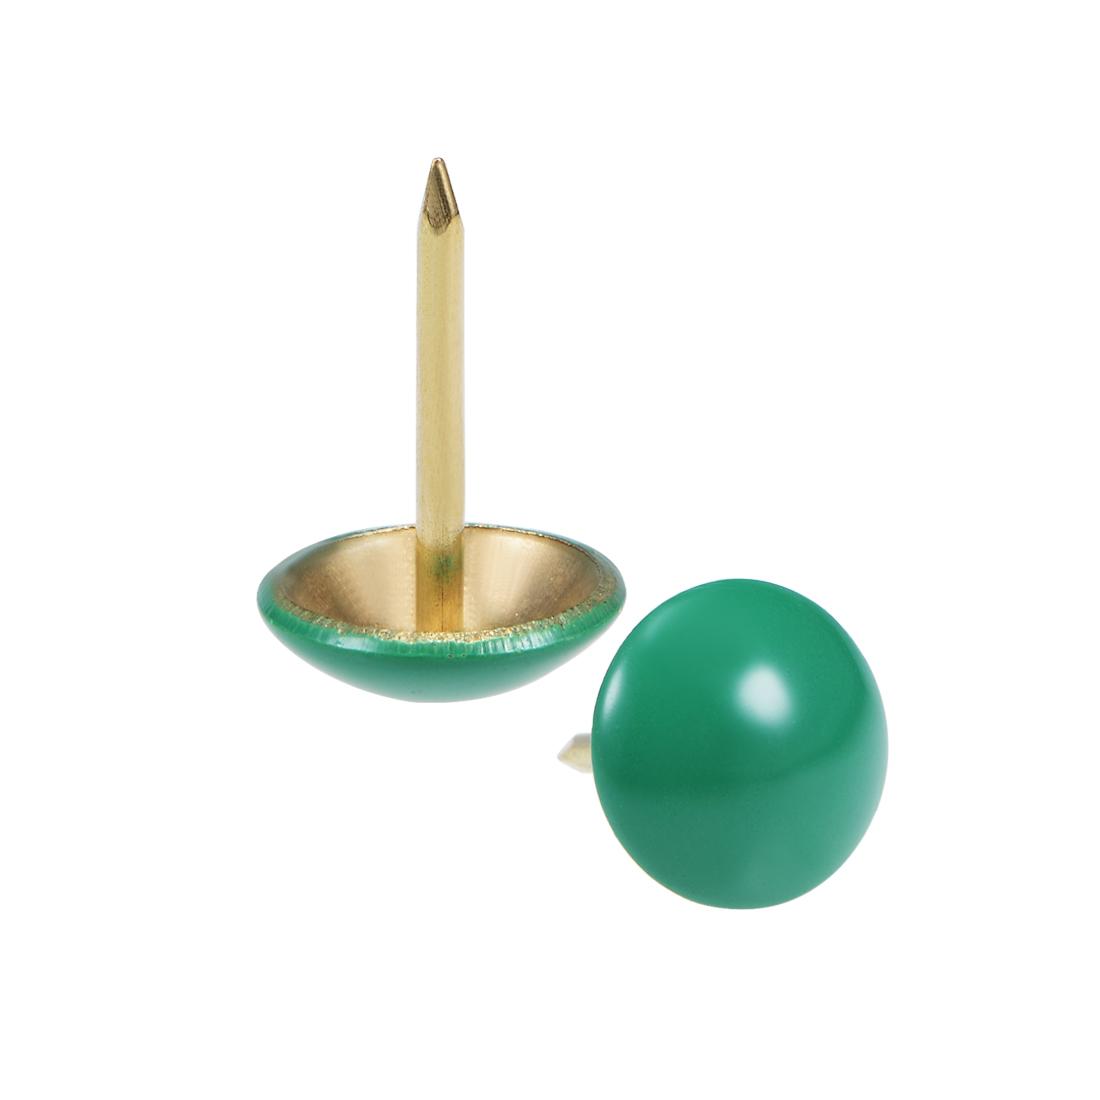 Upholstery Nails Tacks 11mm Green Round Head 17mm Length Thumb Push Pins 100Pcs